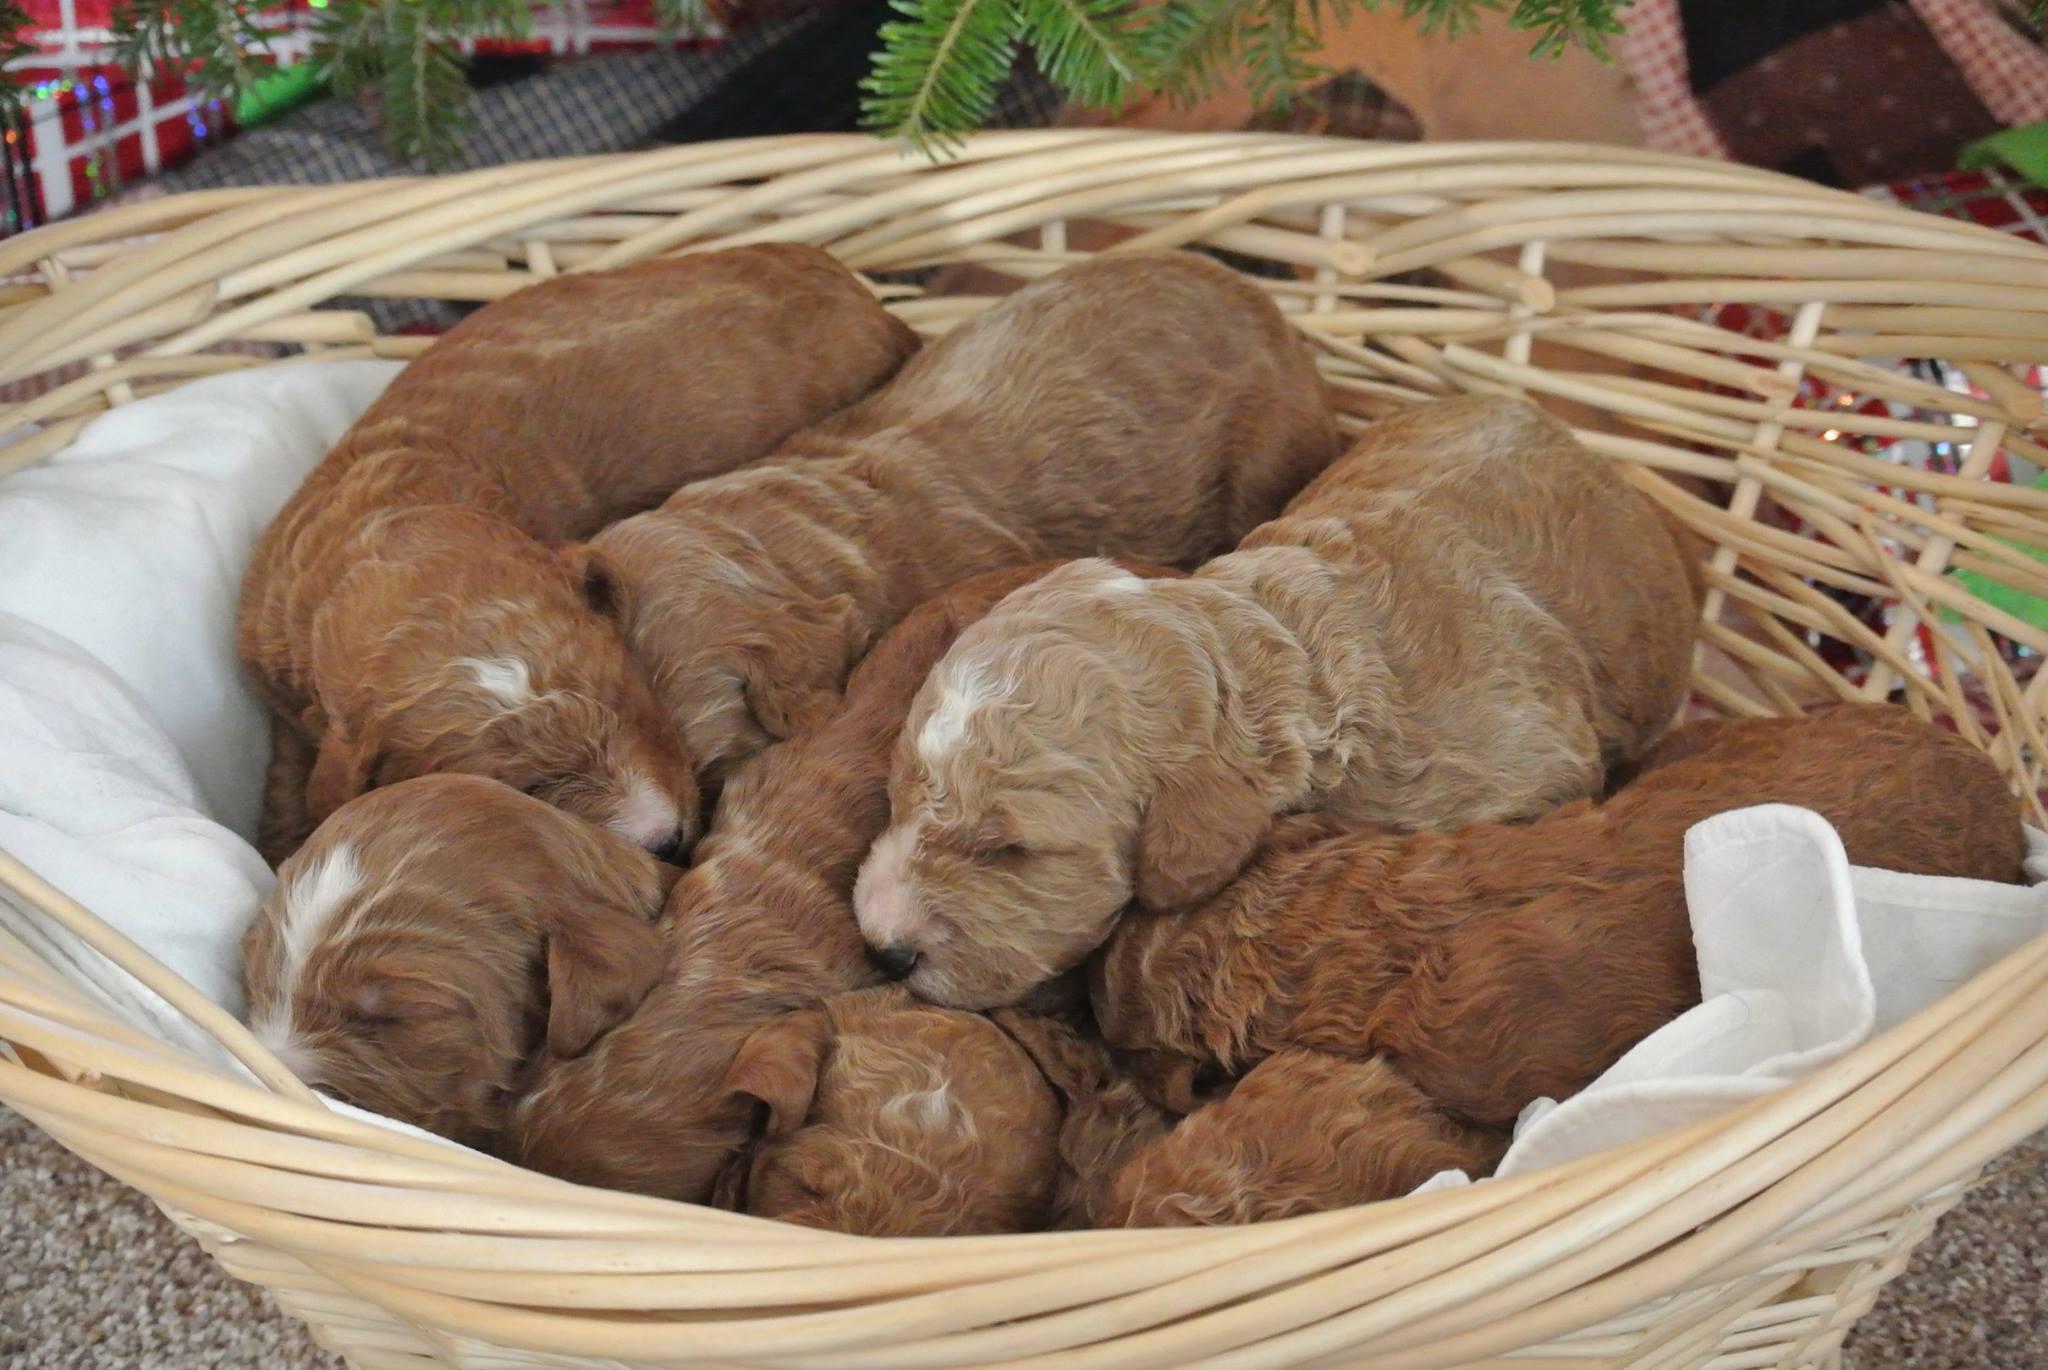 Irishdoodles-in-basket.jpg